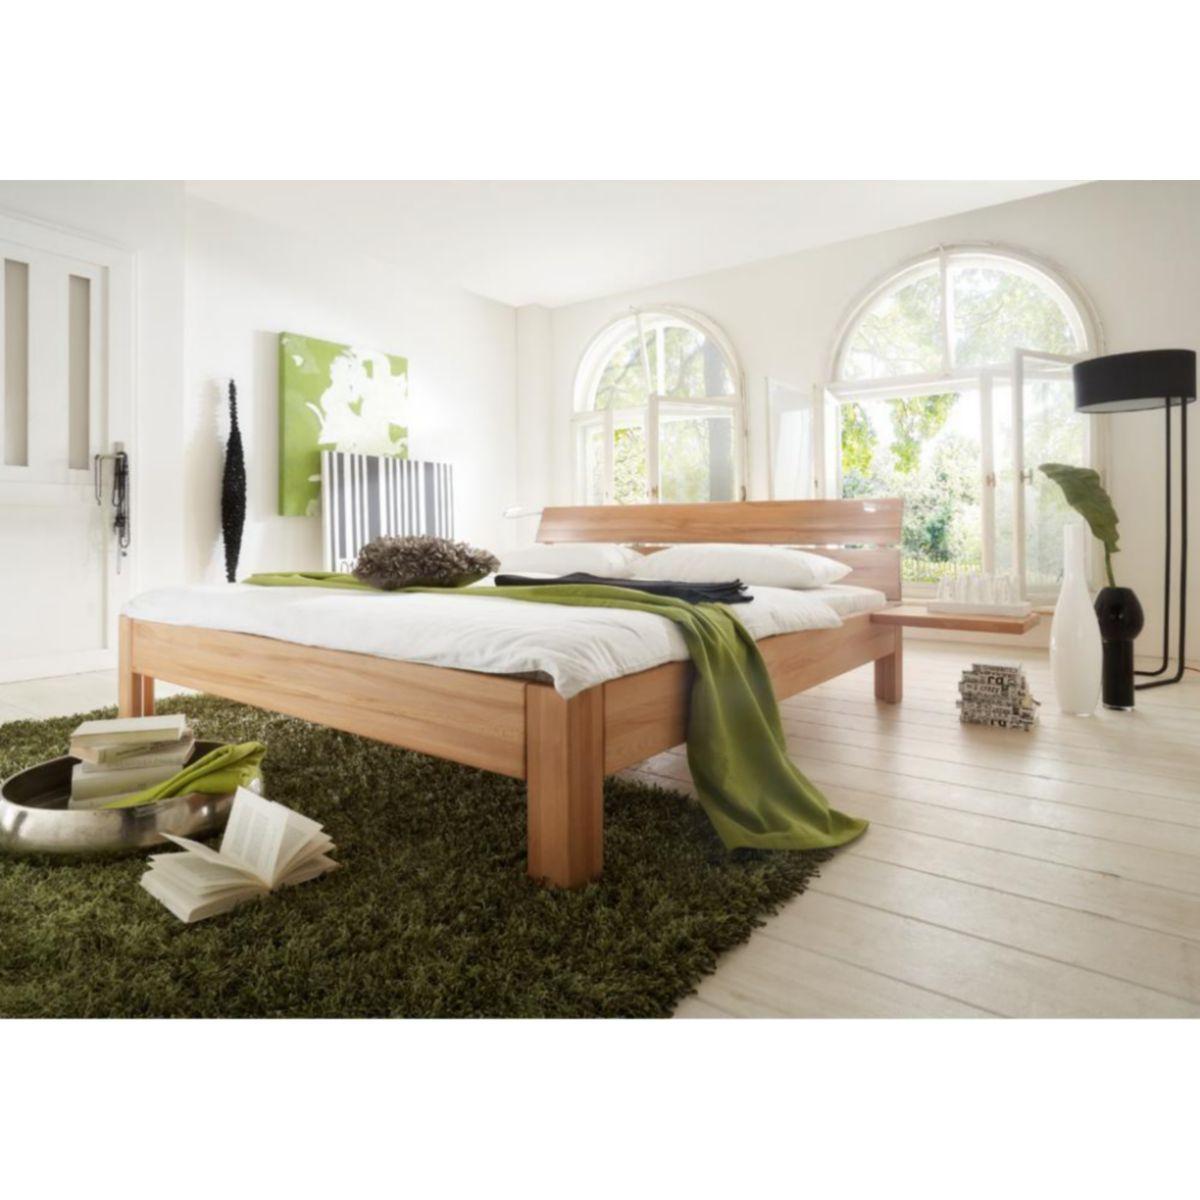 Massivholzbett Easy Sleep B